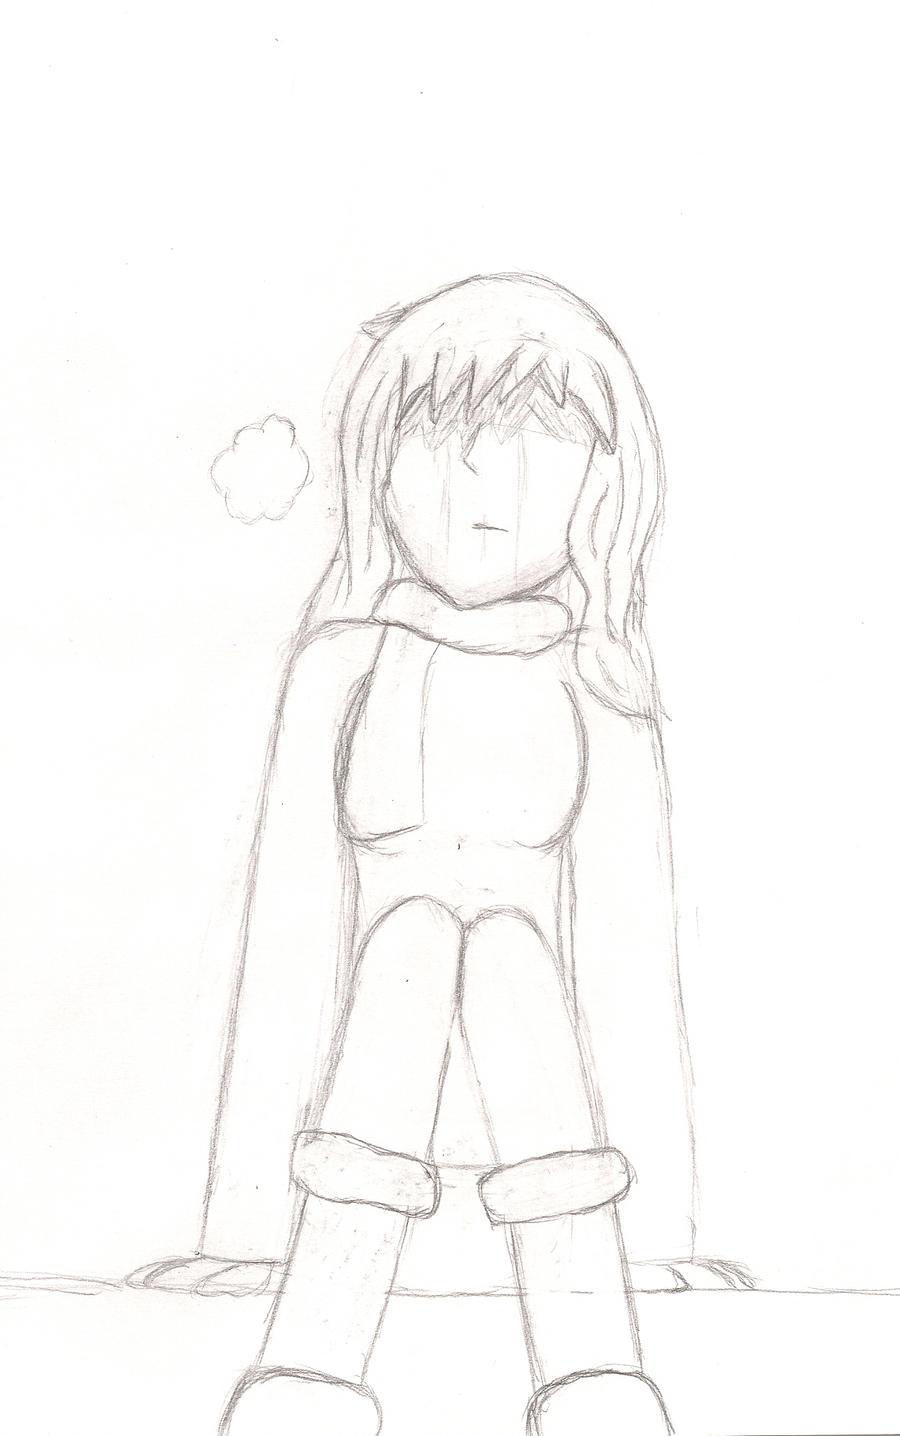 Latias-Eevee's Profile Picture